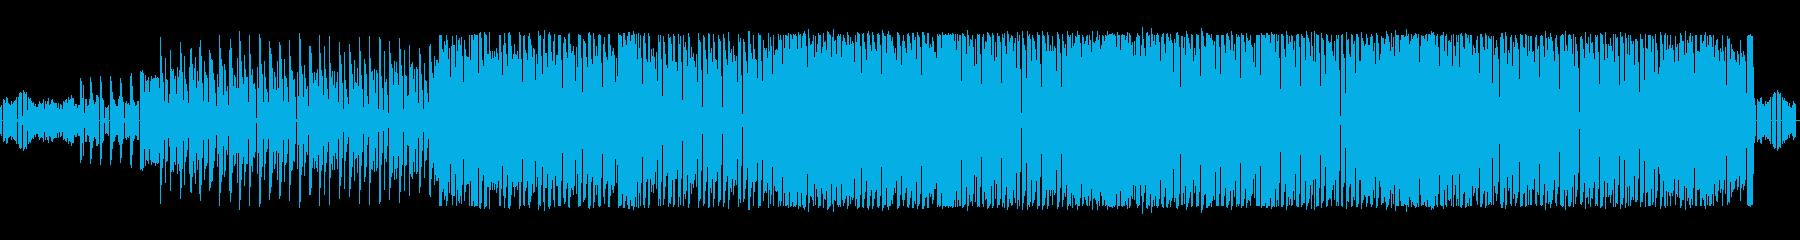 パーティミュージックの再生済みの波形